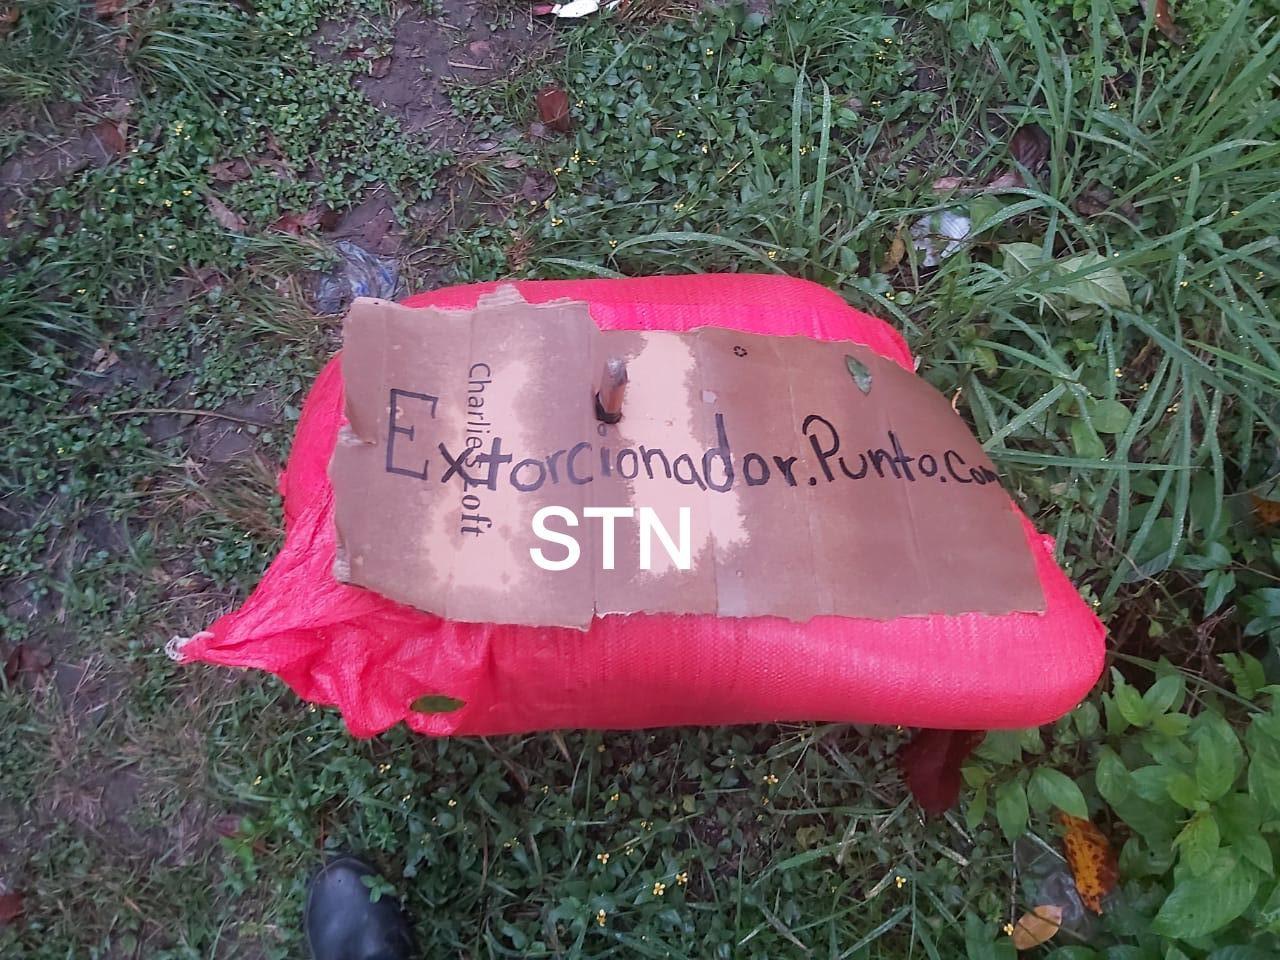 Encuentran supuesto «extorsionador» dentro de un saco en El Hatillo de la capital